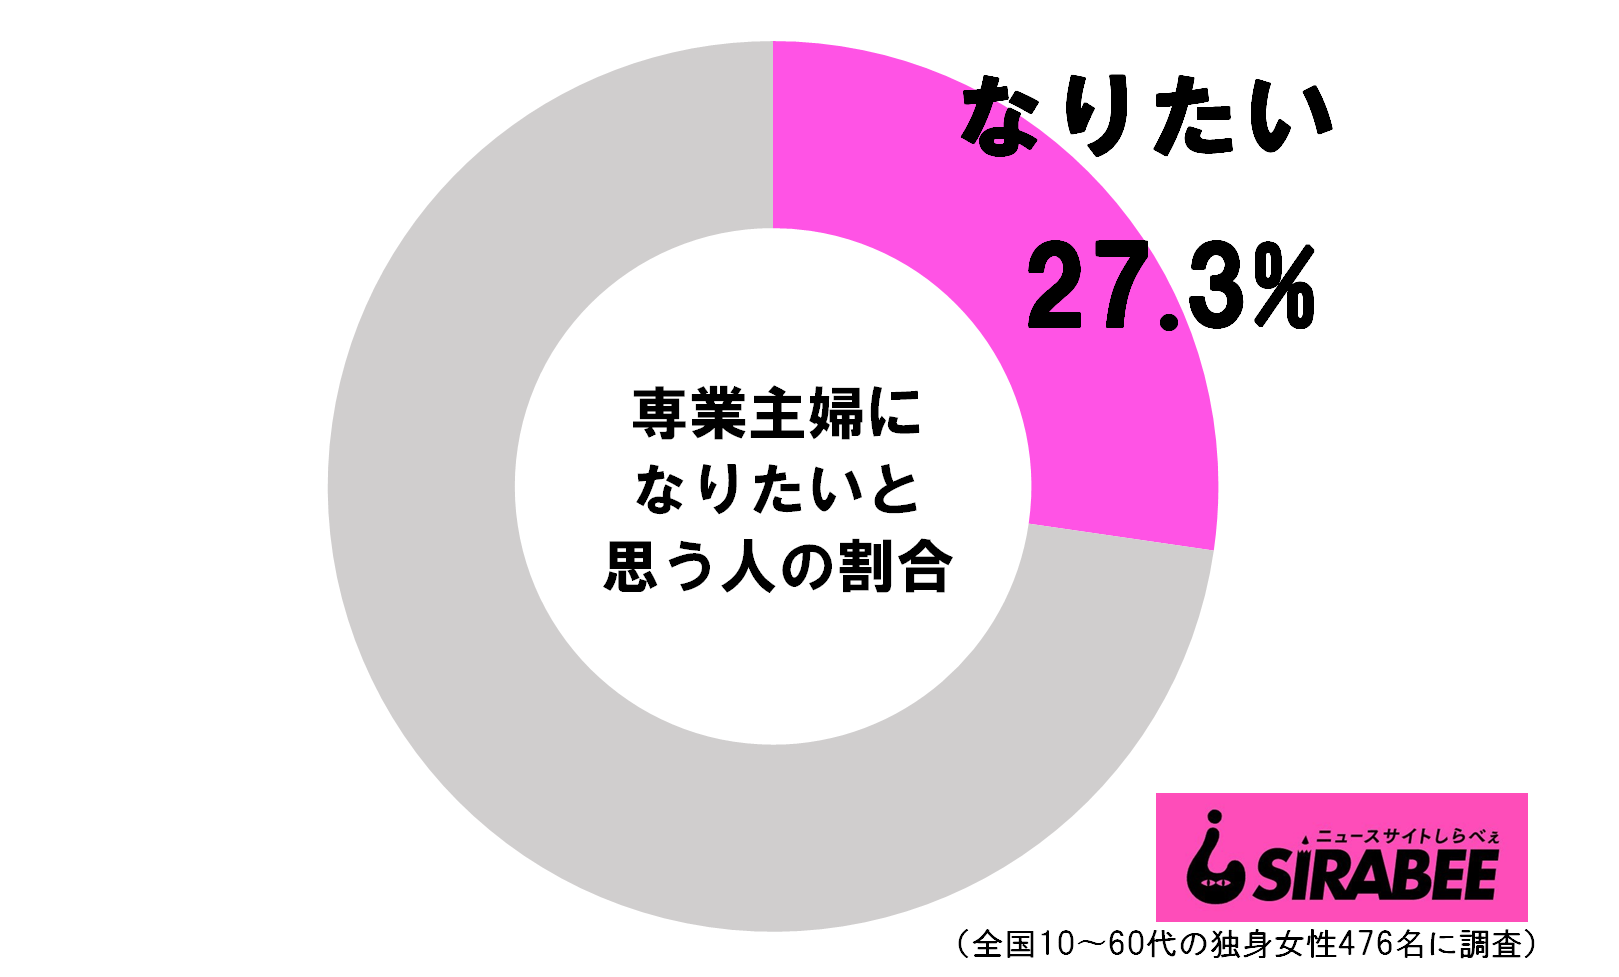 【性別役割分業】「旦那の稼ぎで子供と一緒にゆっくり暮らしたい!」 独身女性の27.3%が専業主婦を希望